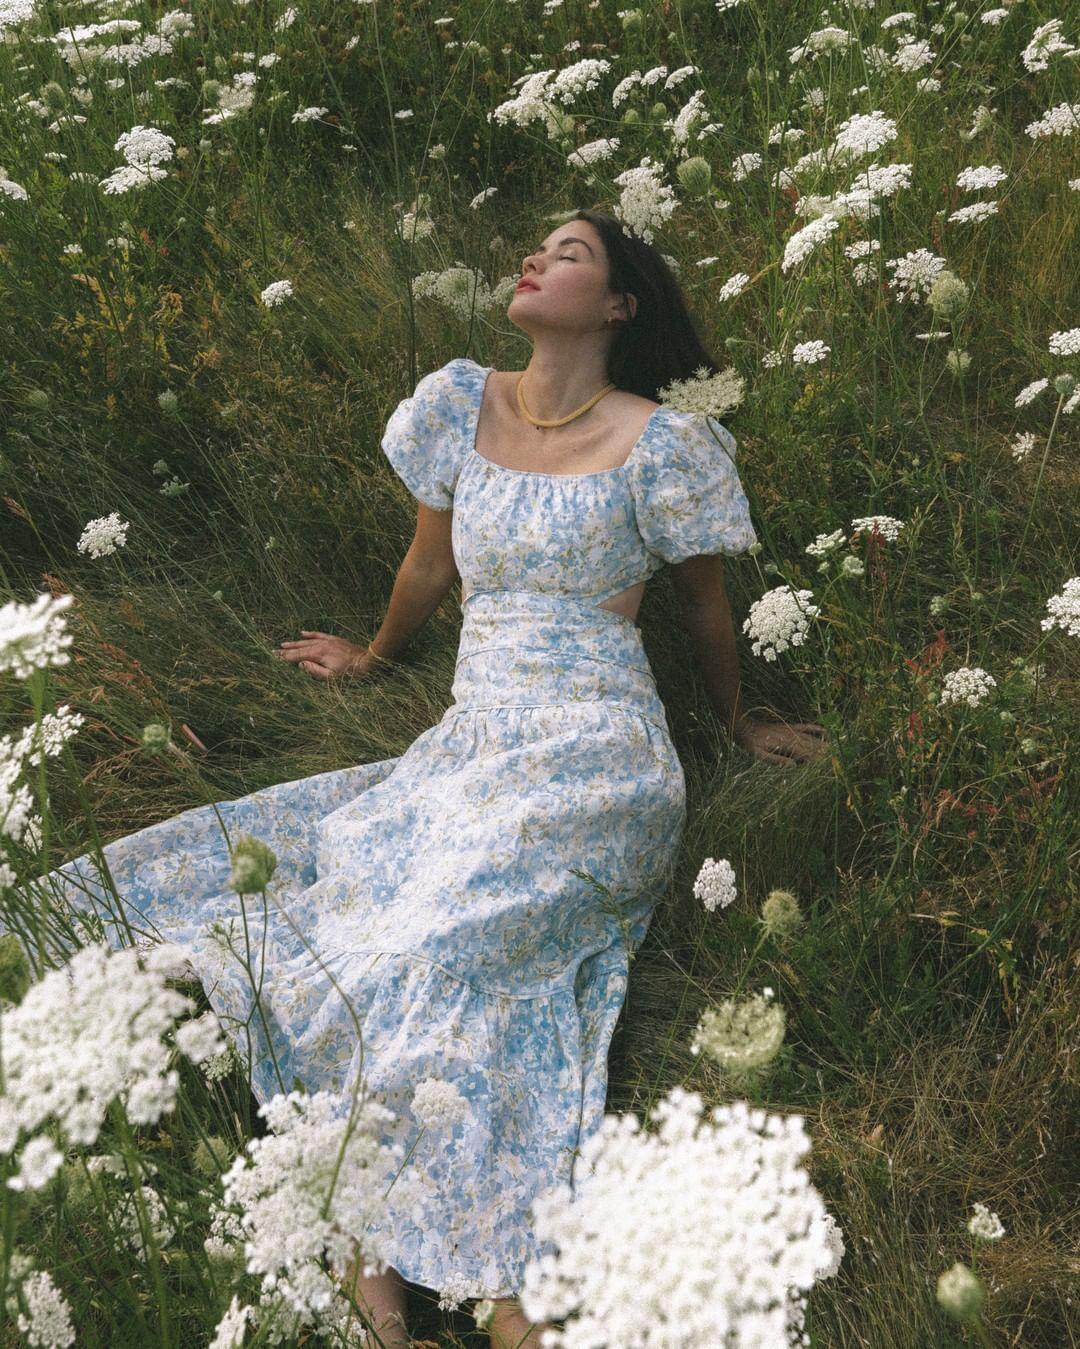 cô gái mặc váy hoa xanh giữa đồng hoa cúc